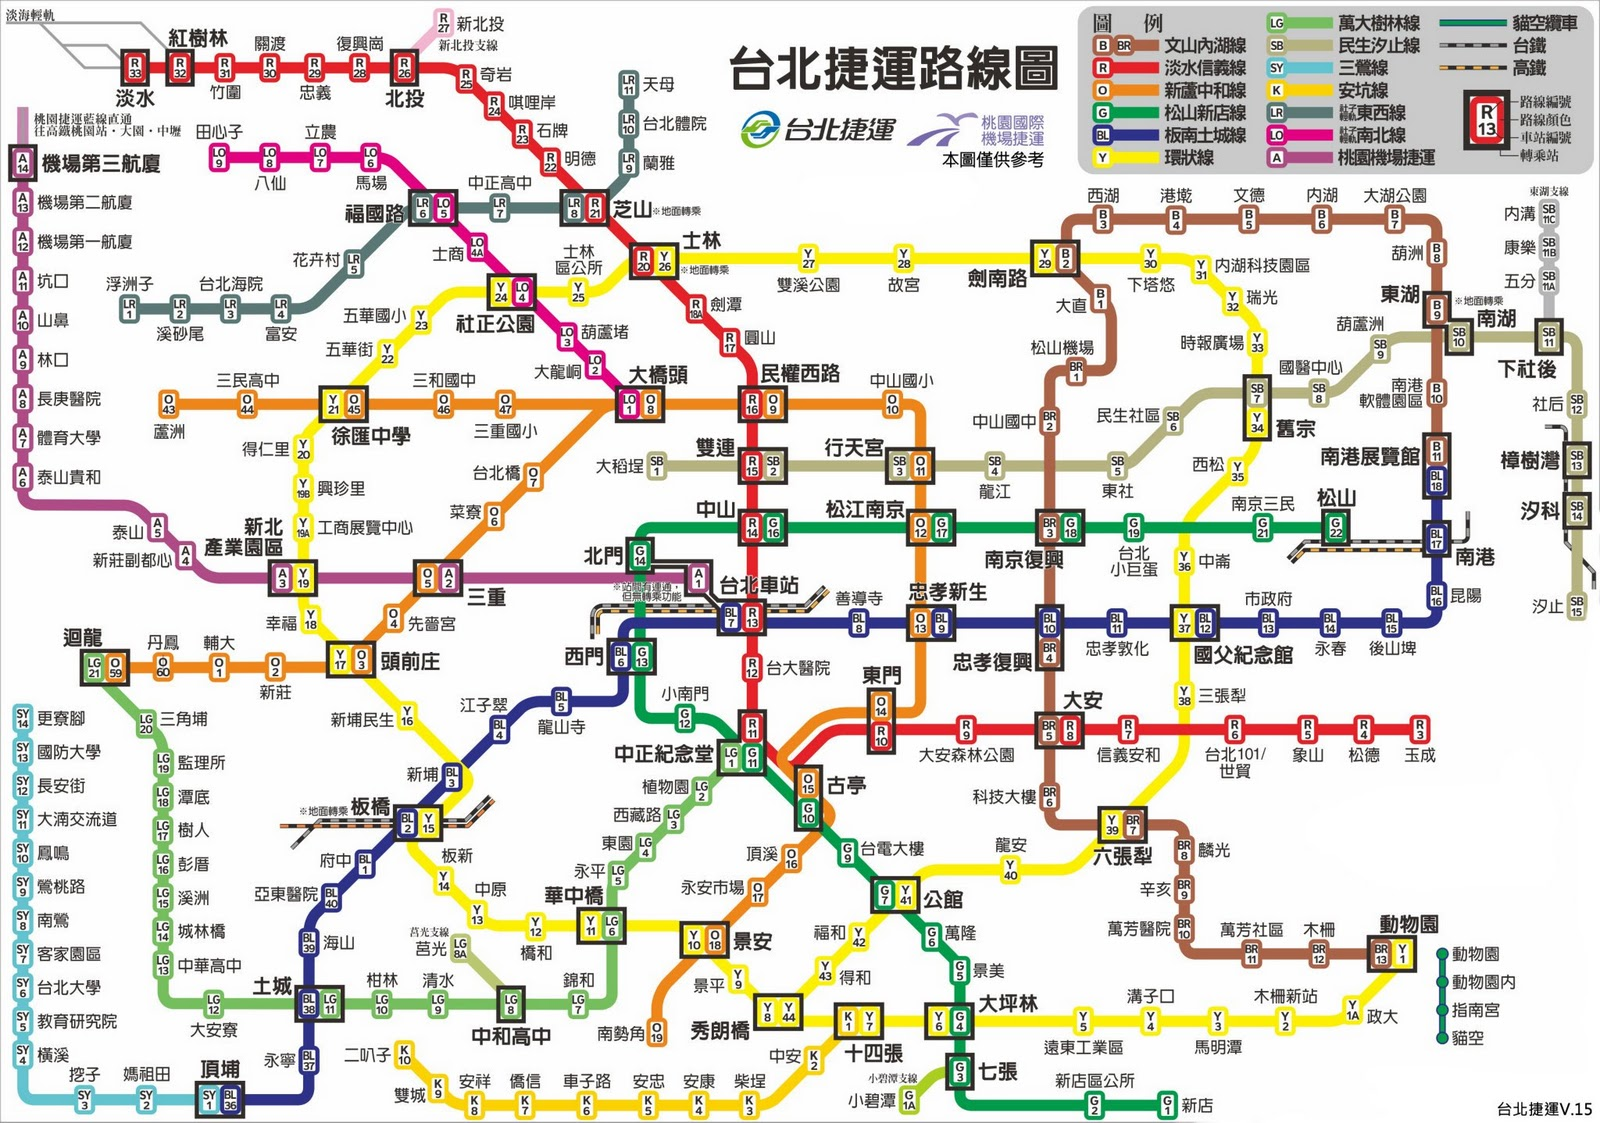 圖片搜尋: 臺灣捷運